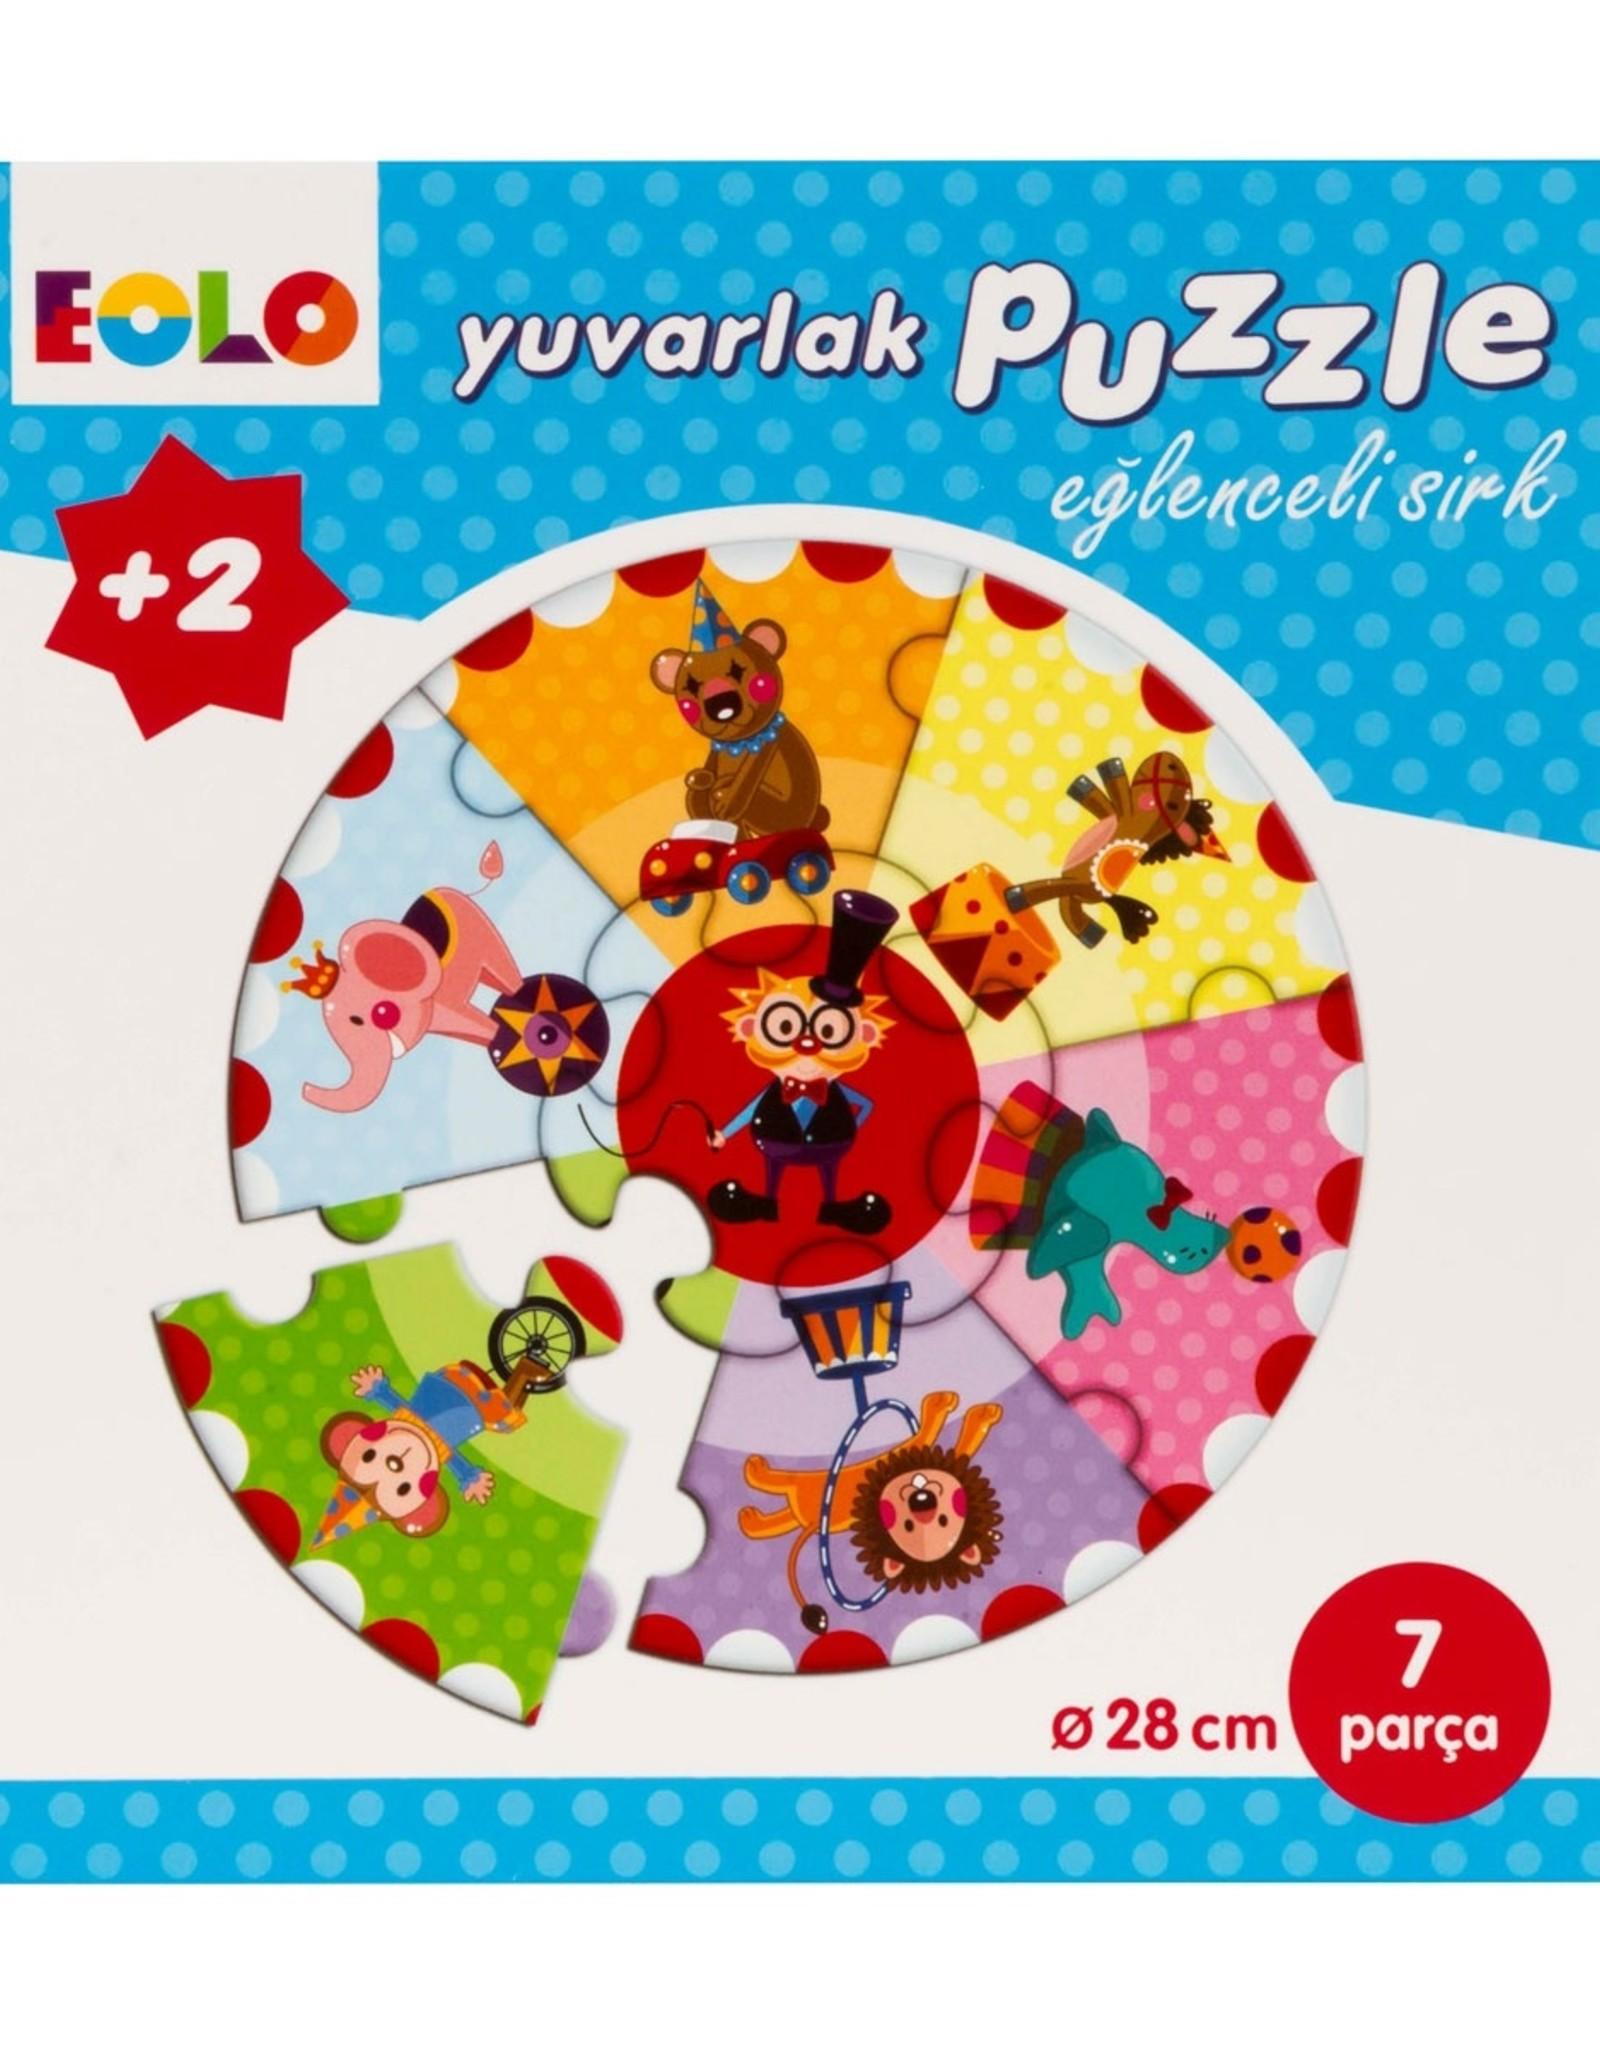 Yuvarlak Puzzle Eğlenceli Sirk 7 Parça